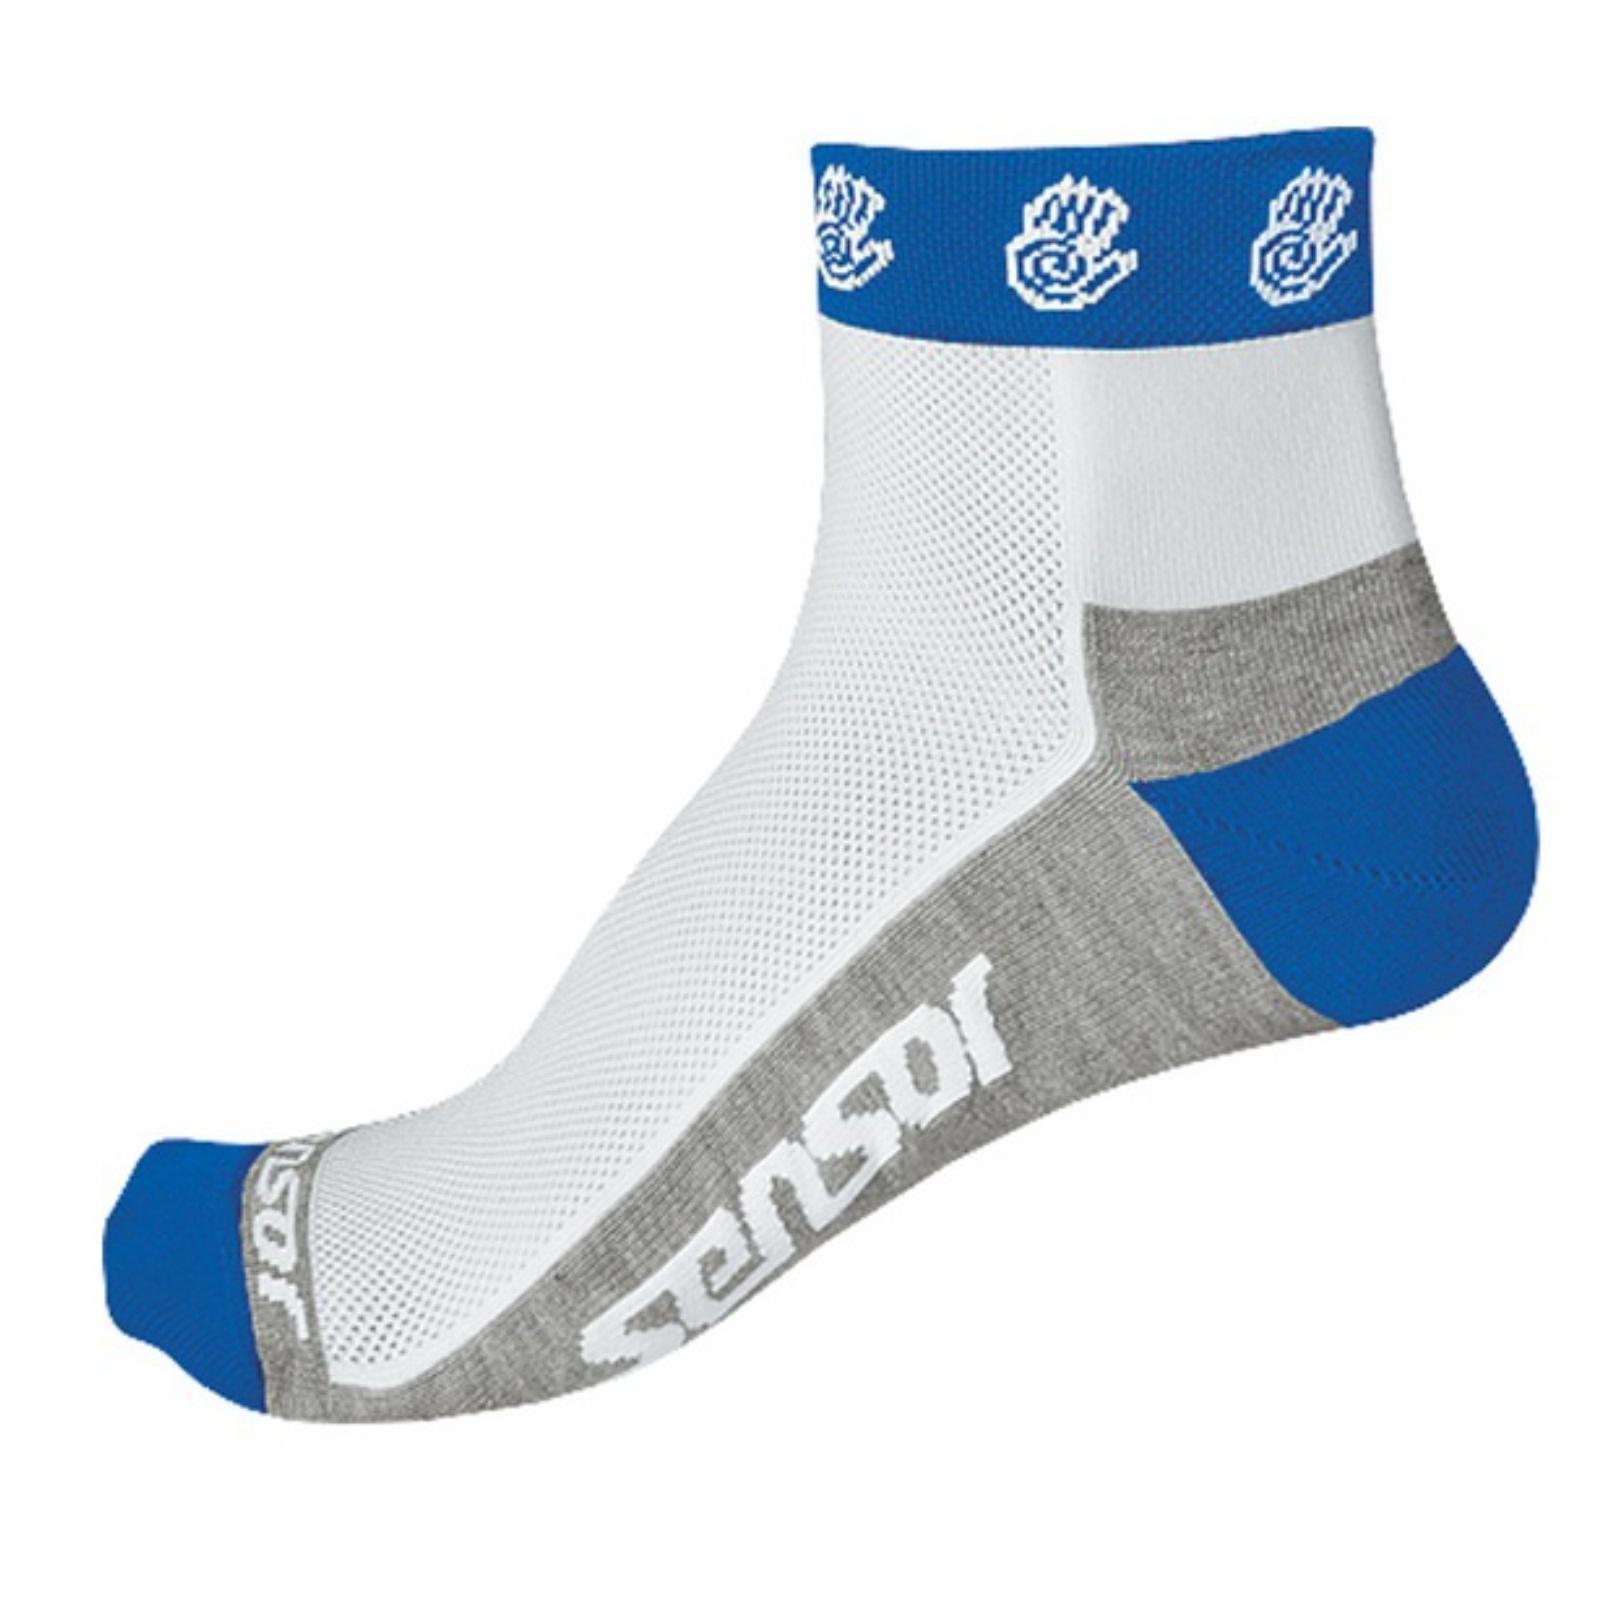 Ponožky SENSOR Race Lite Ručičky modré - vel. 9-11